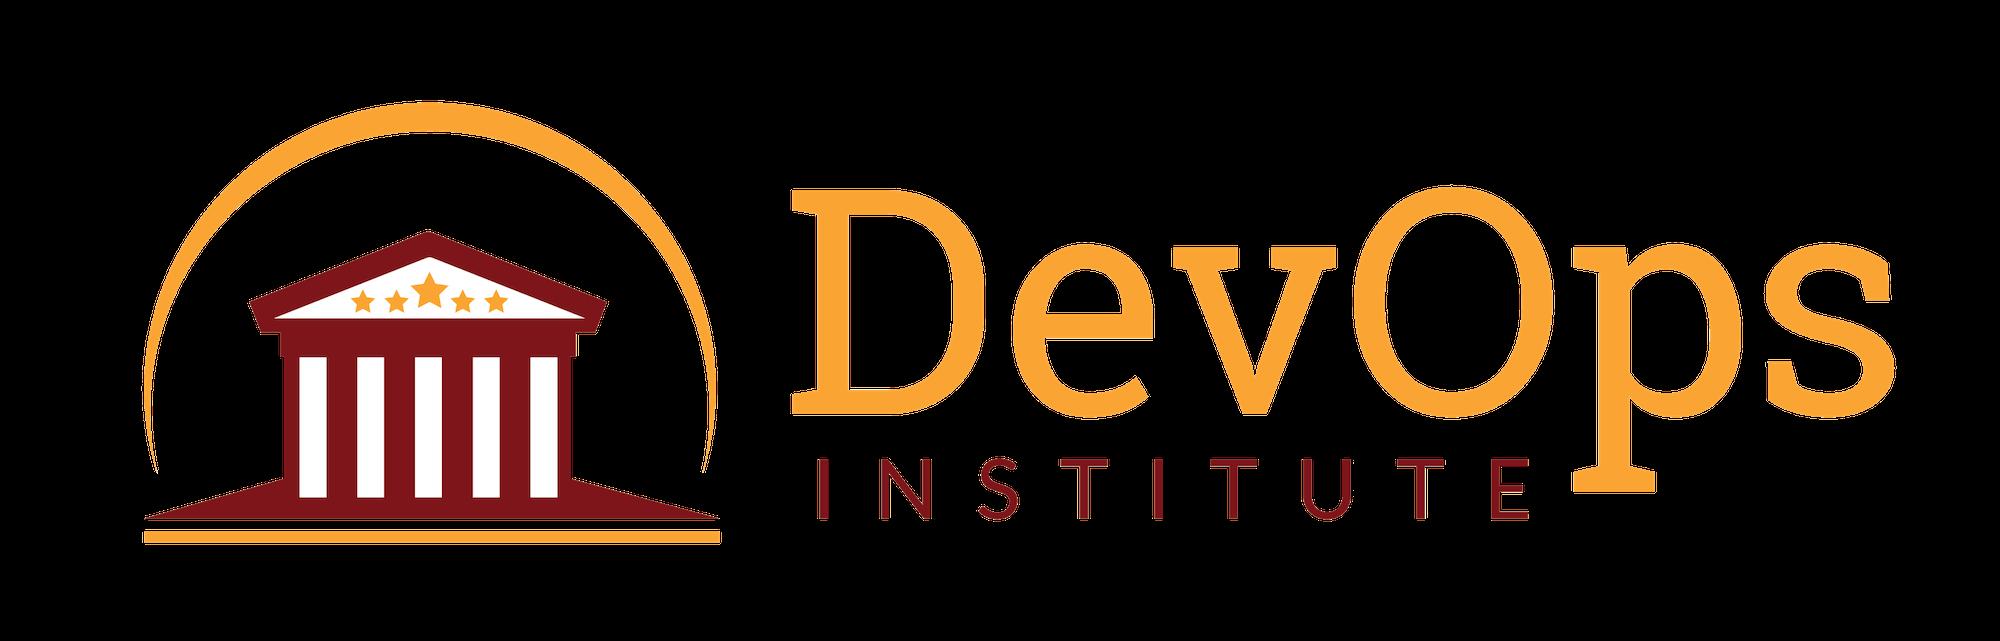 DevOps_Institute_Logo-2 (1)